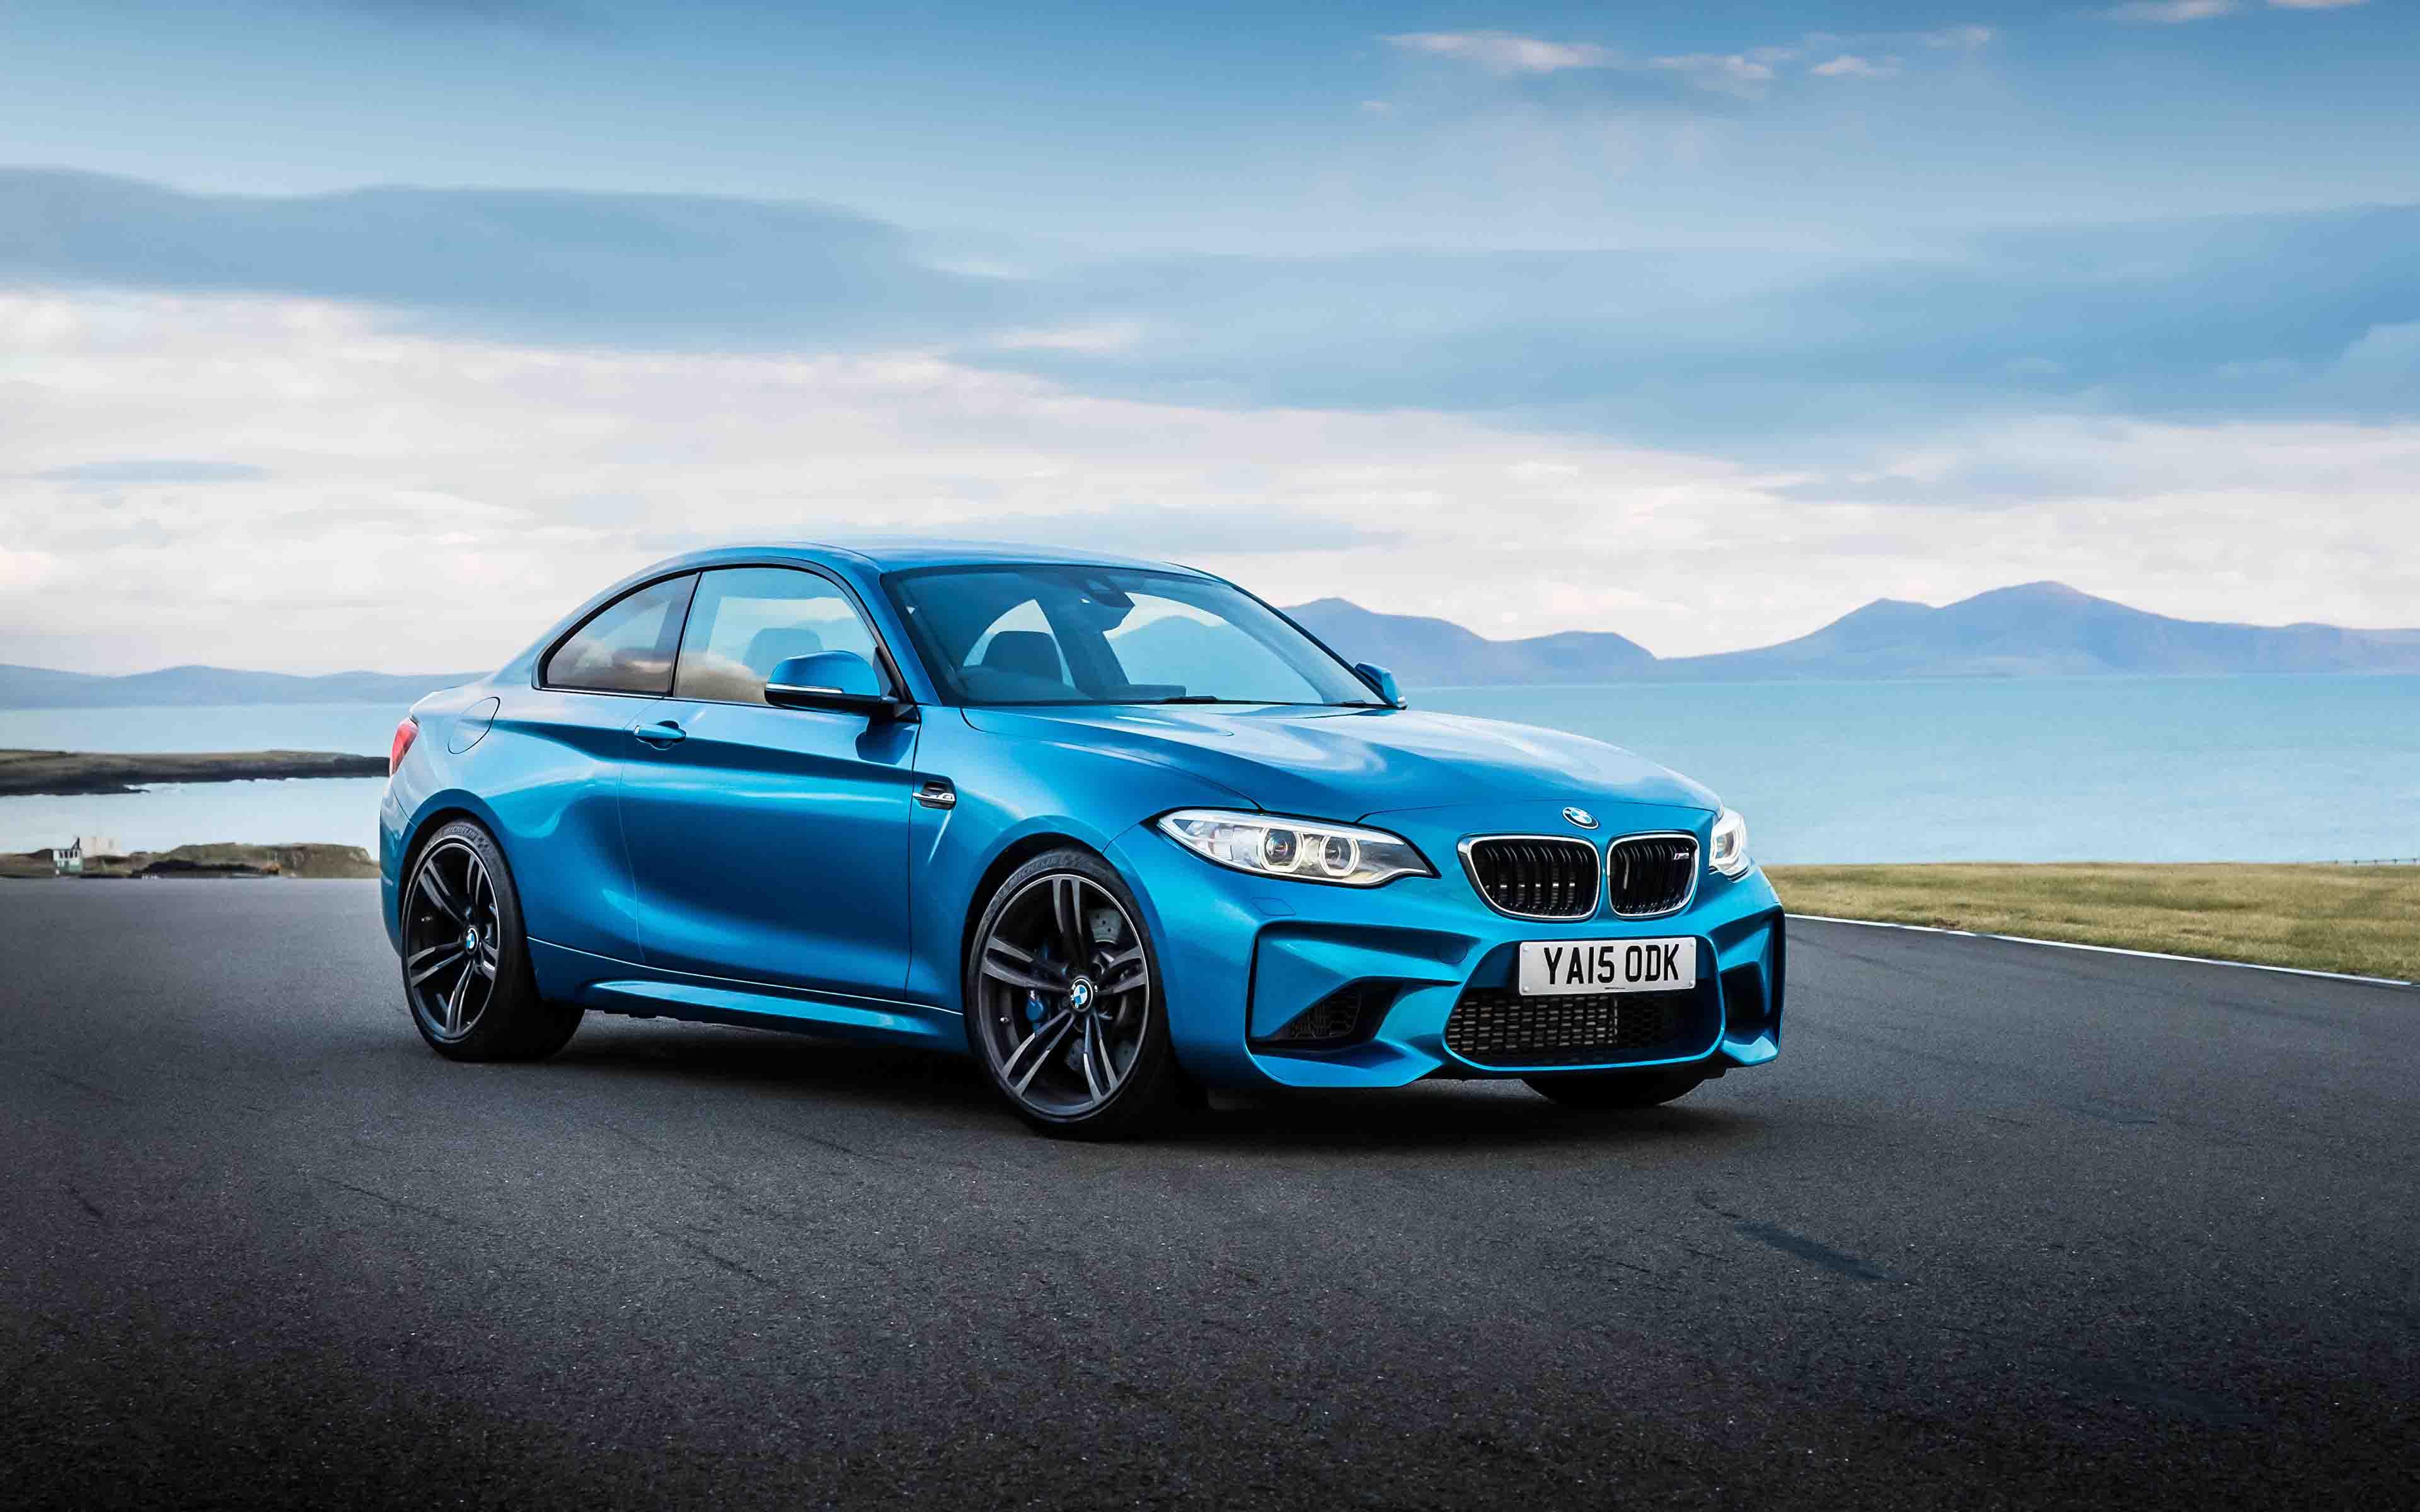 BMW ขับรถปลอดภัยกับทุกเส้นทาง